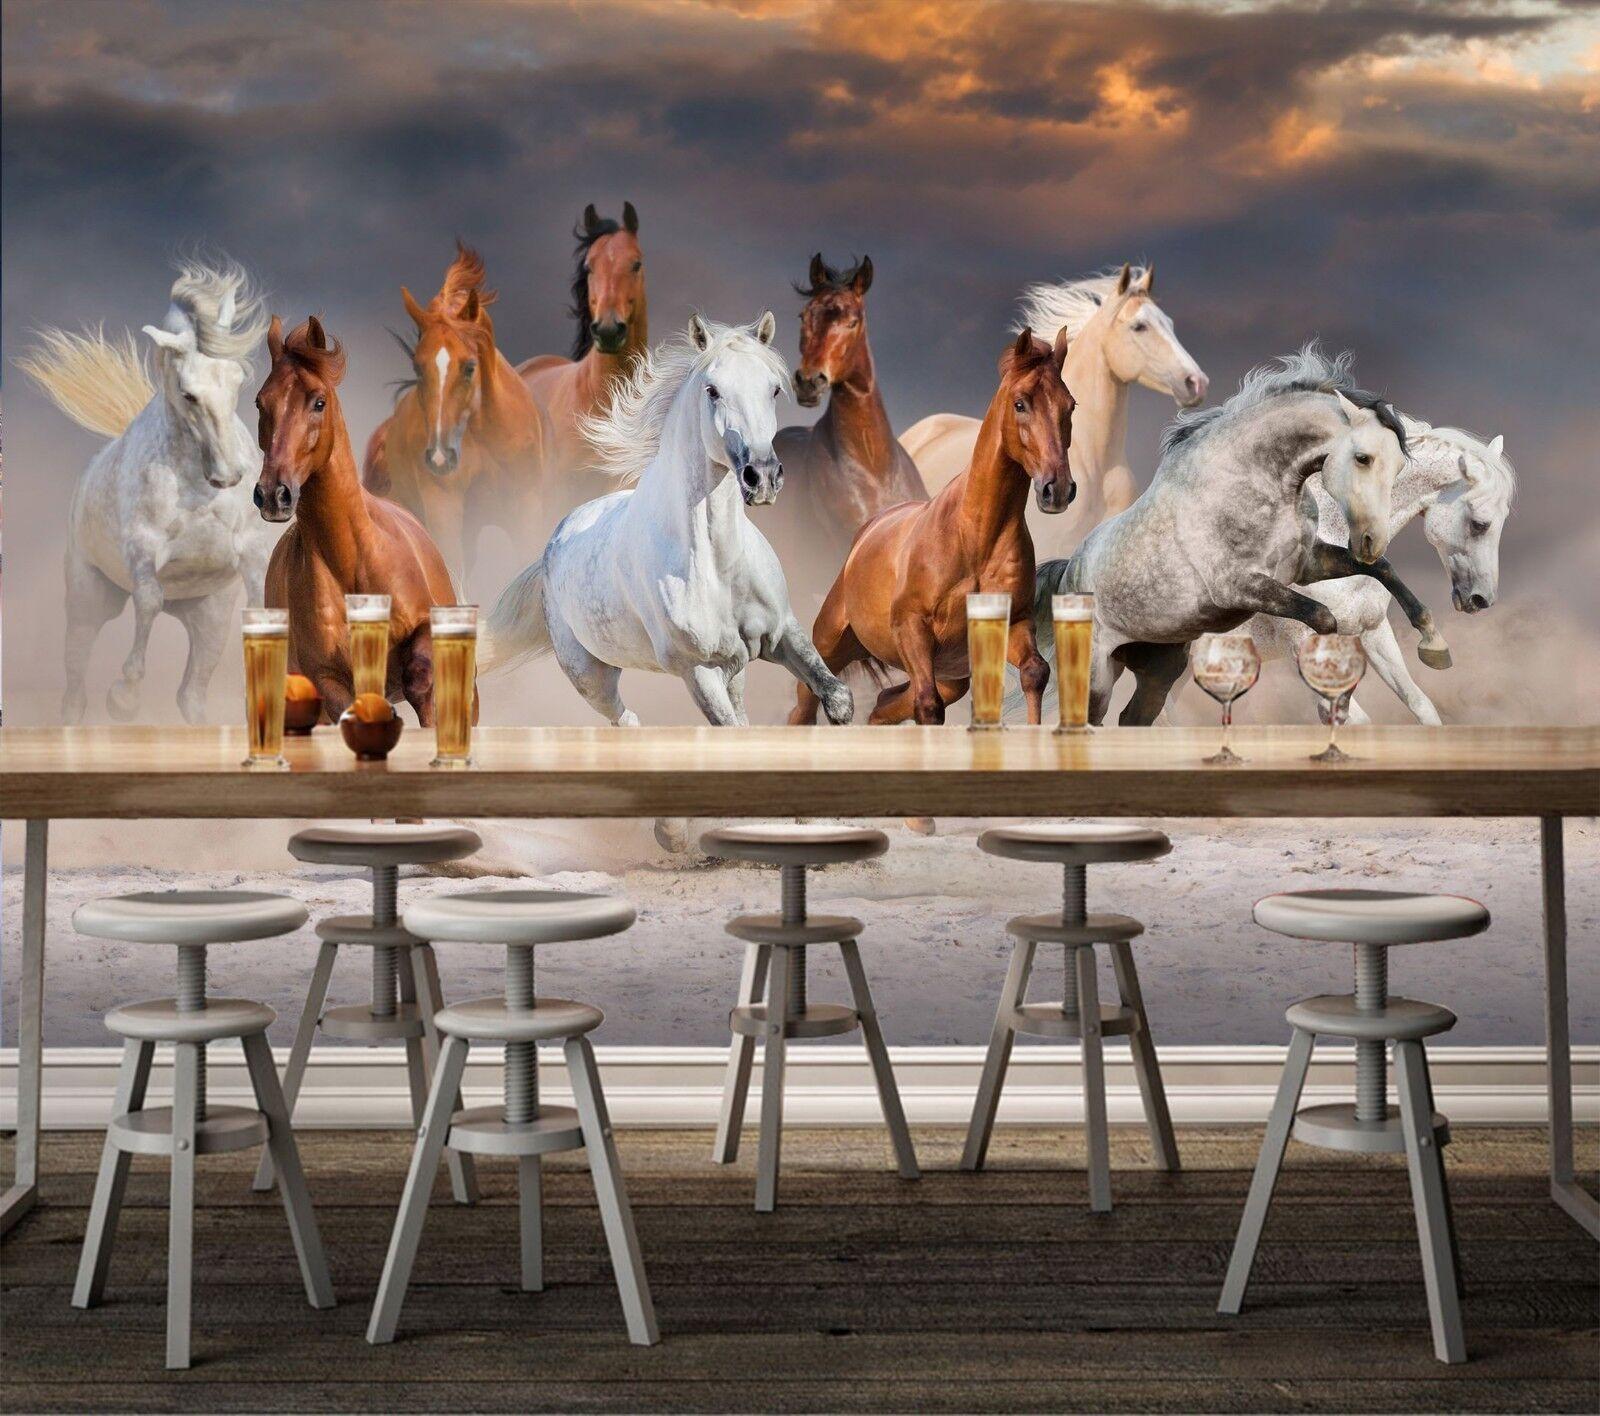 3D Running Horse 7150 Wallpaper Mural Wall Print Wall Wallpaper Murals US Lemon